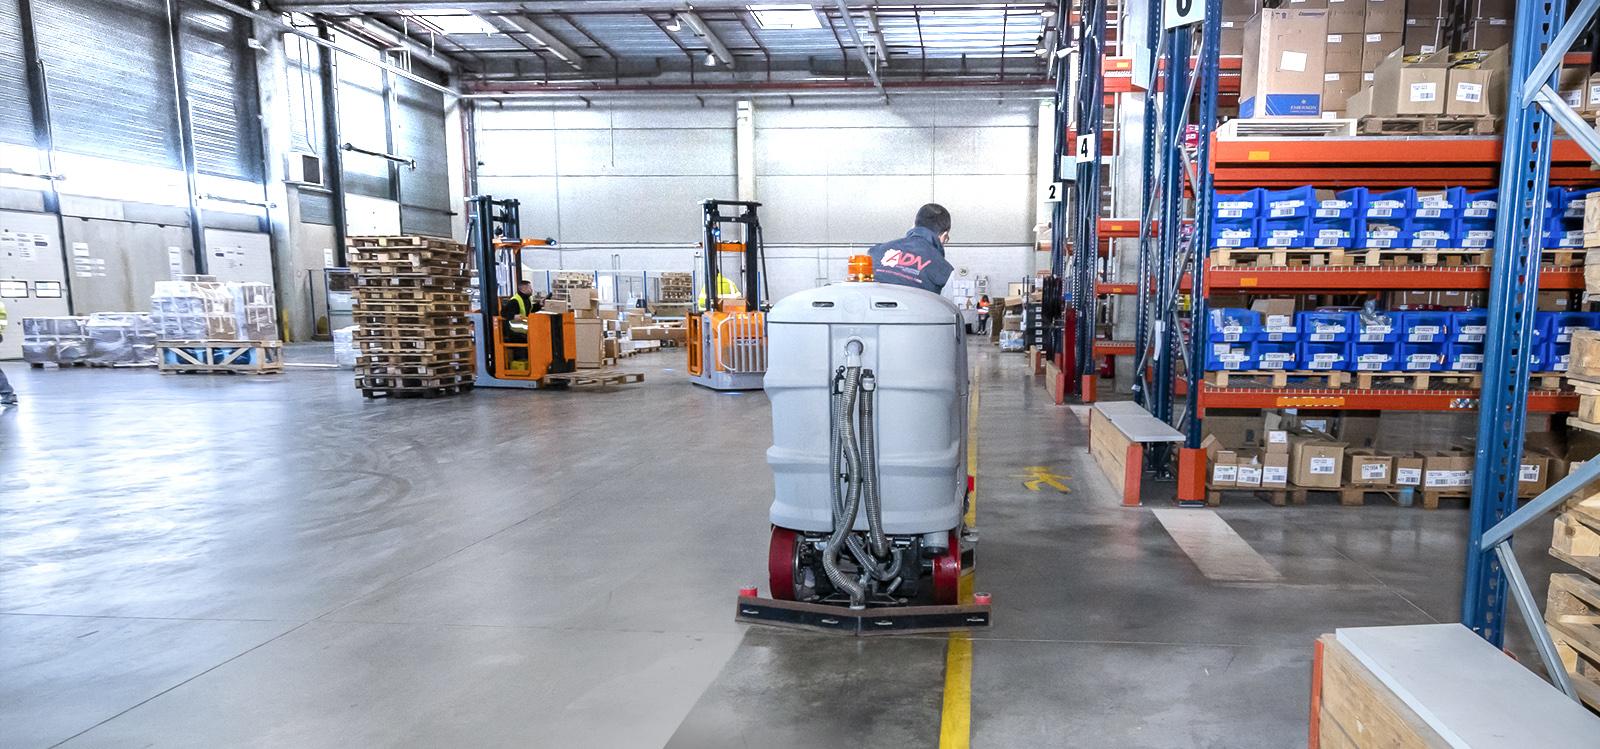 Surfaceuse ADN en nettoyage du sol dans un atelier industriel